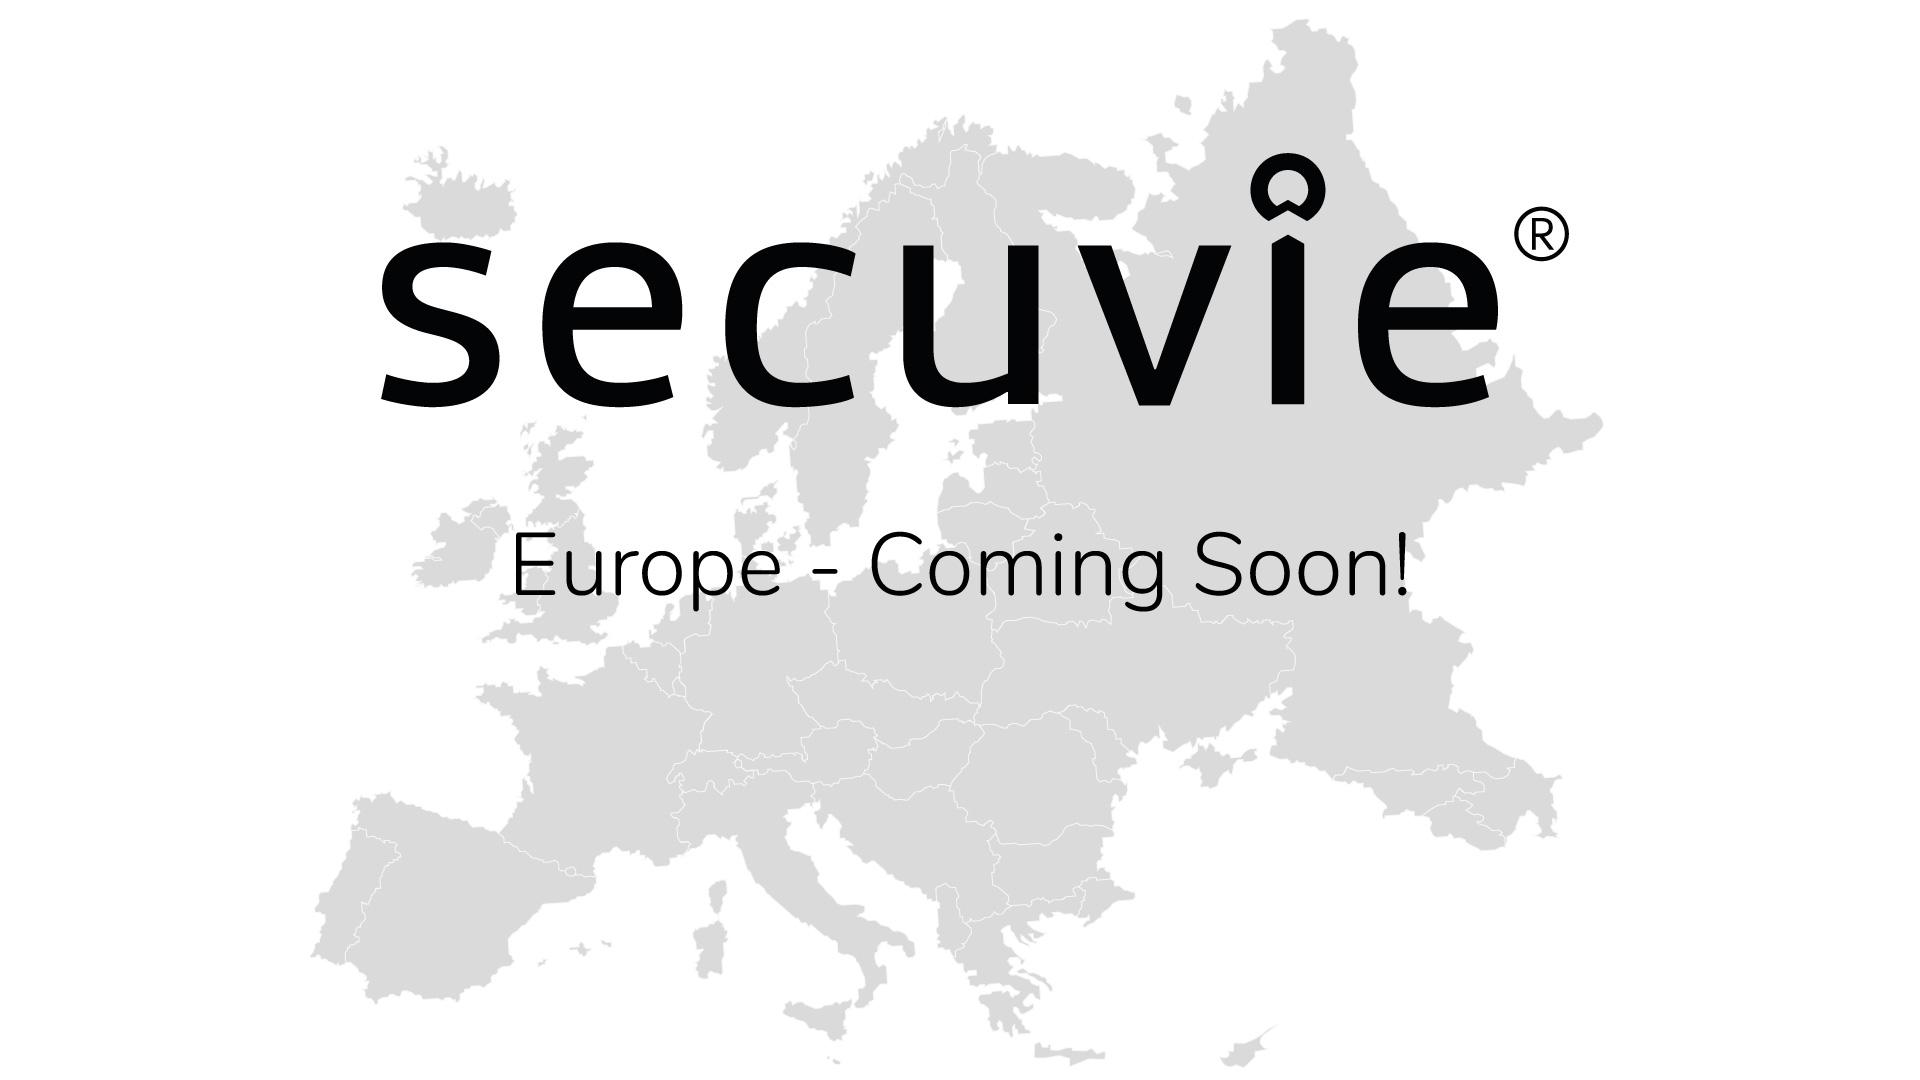 Secuvie Europe - Coming Soon